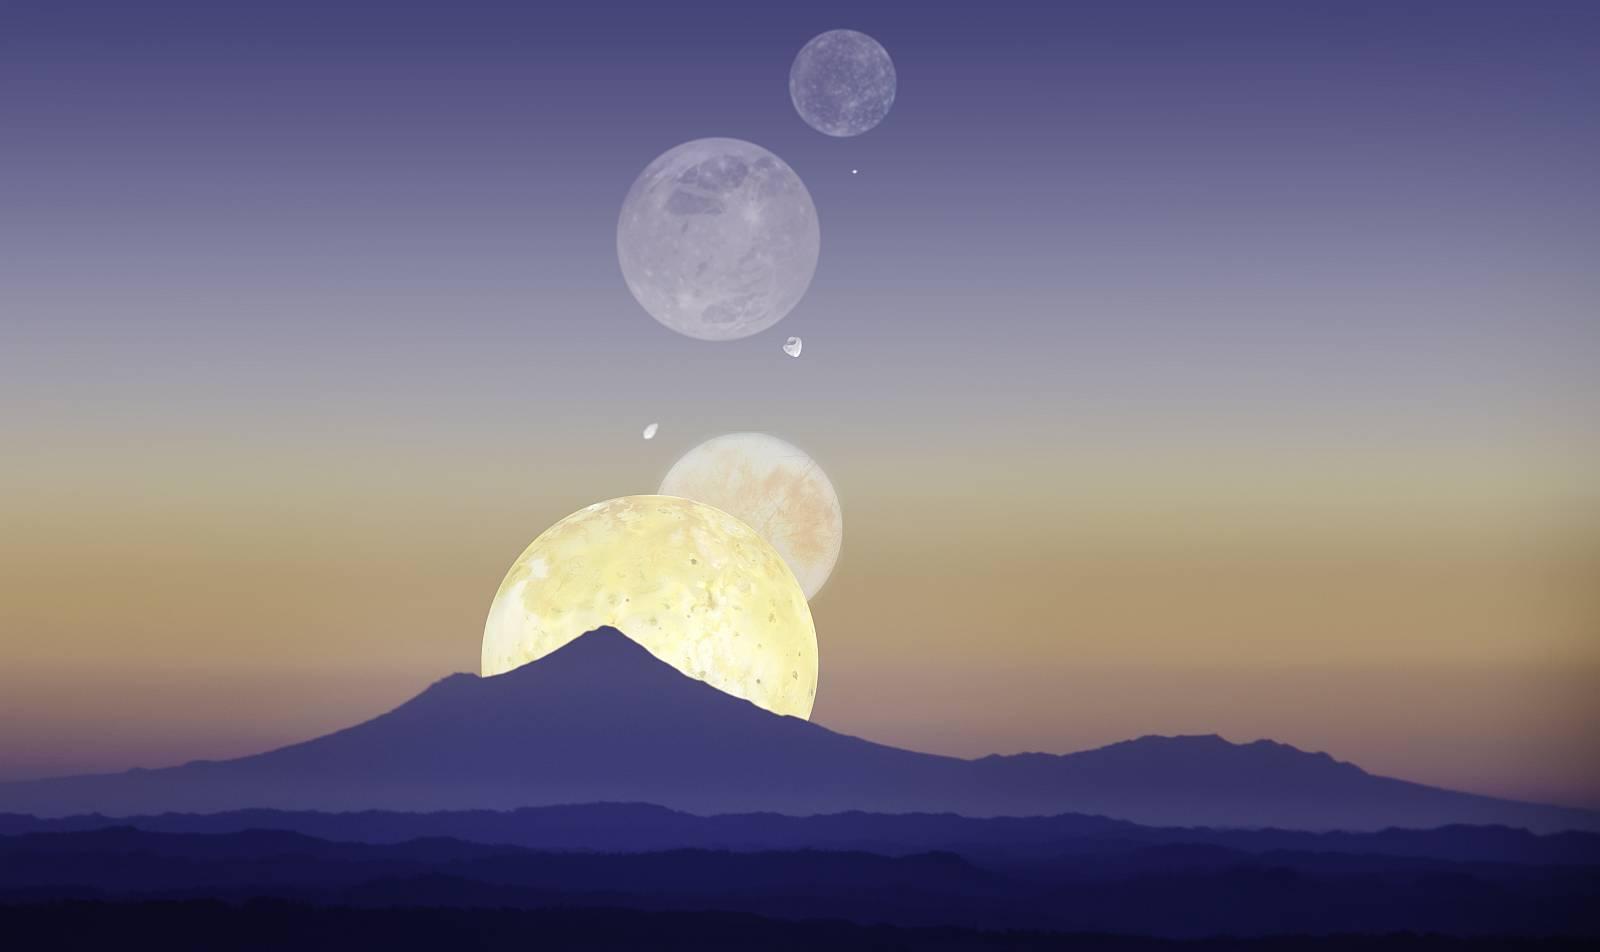 Как выглядели бы спутники Юпитера в небе Земли